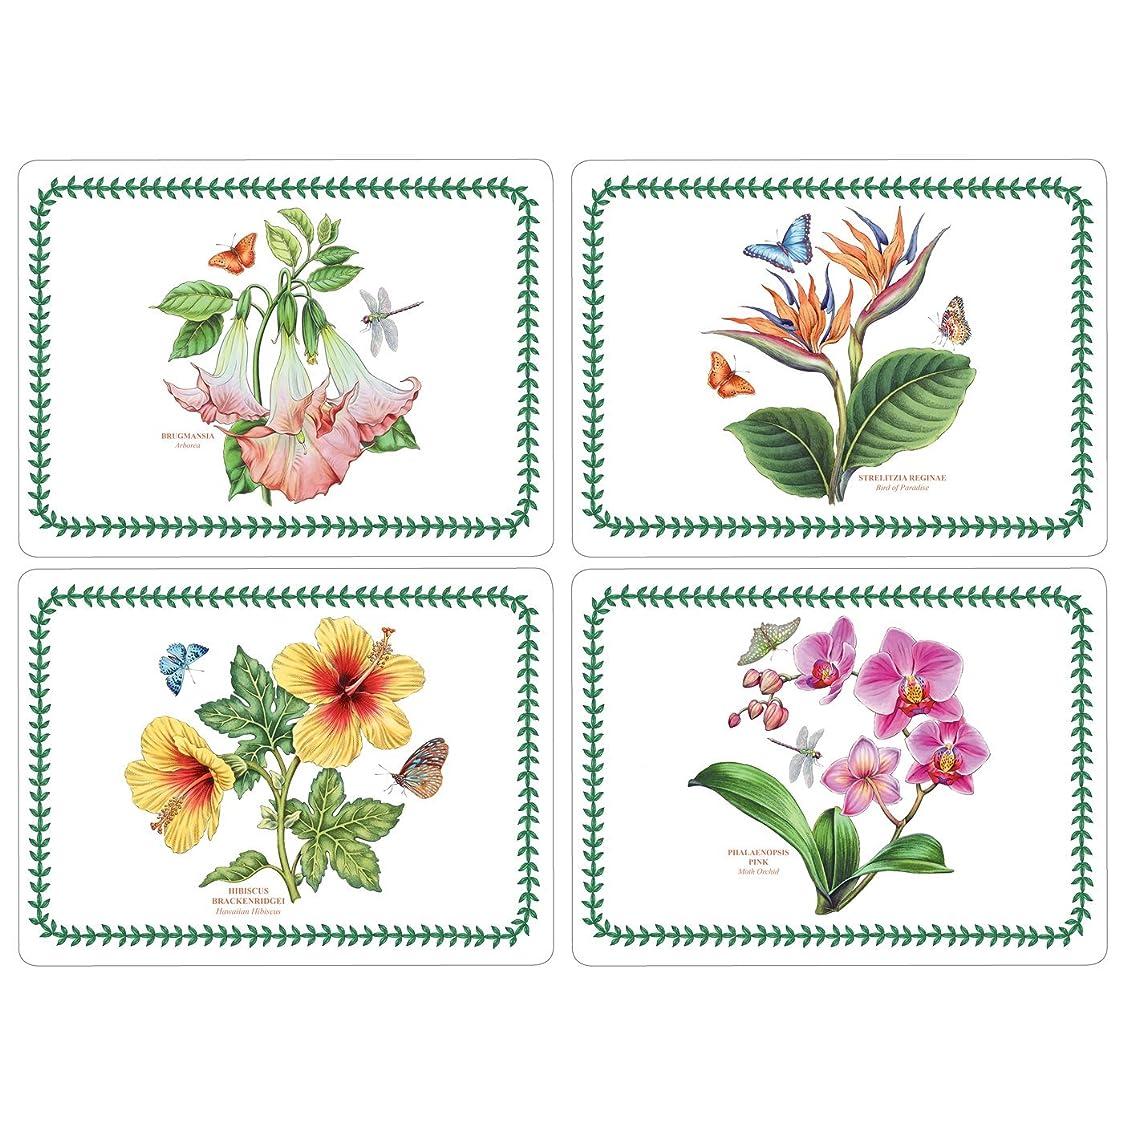 恐怖制限排泄物Pimpernel Exotic Botanic Garden Placemats - Set of 4